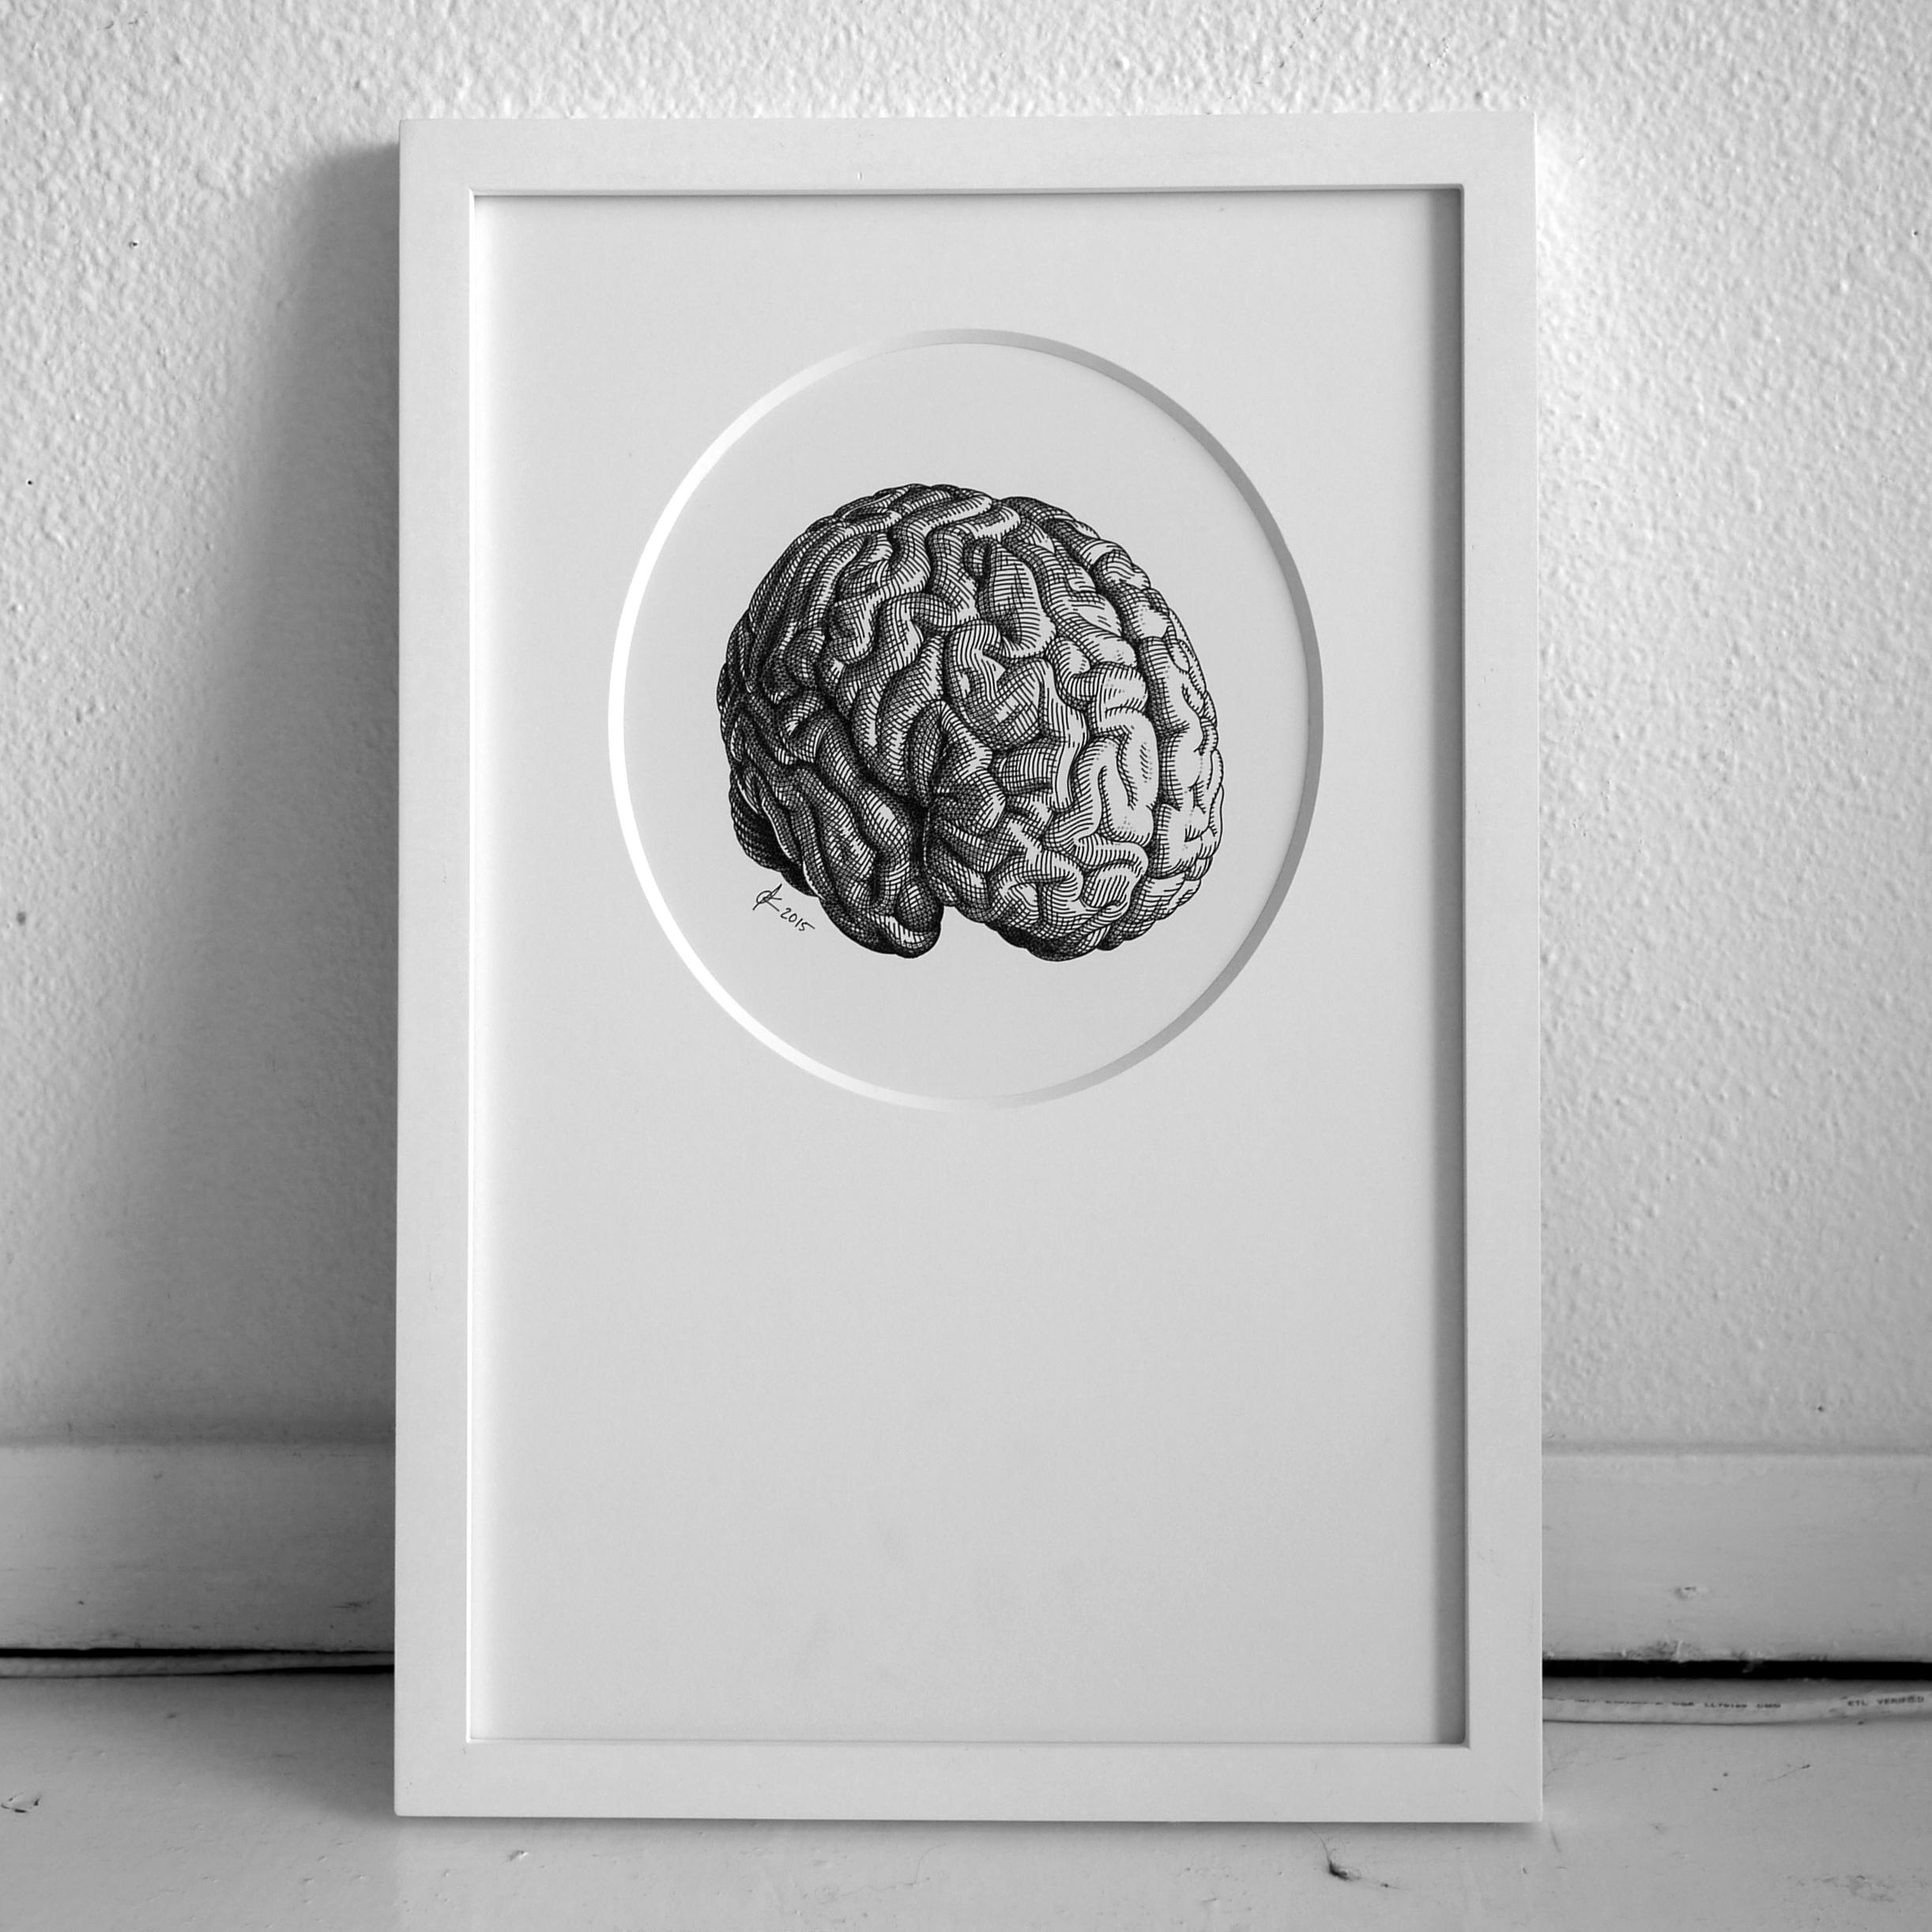 BrainOliviaKnapp